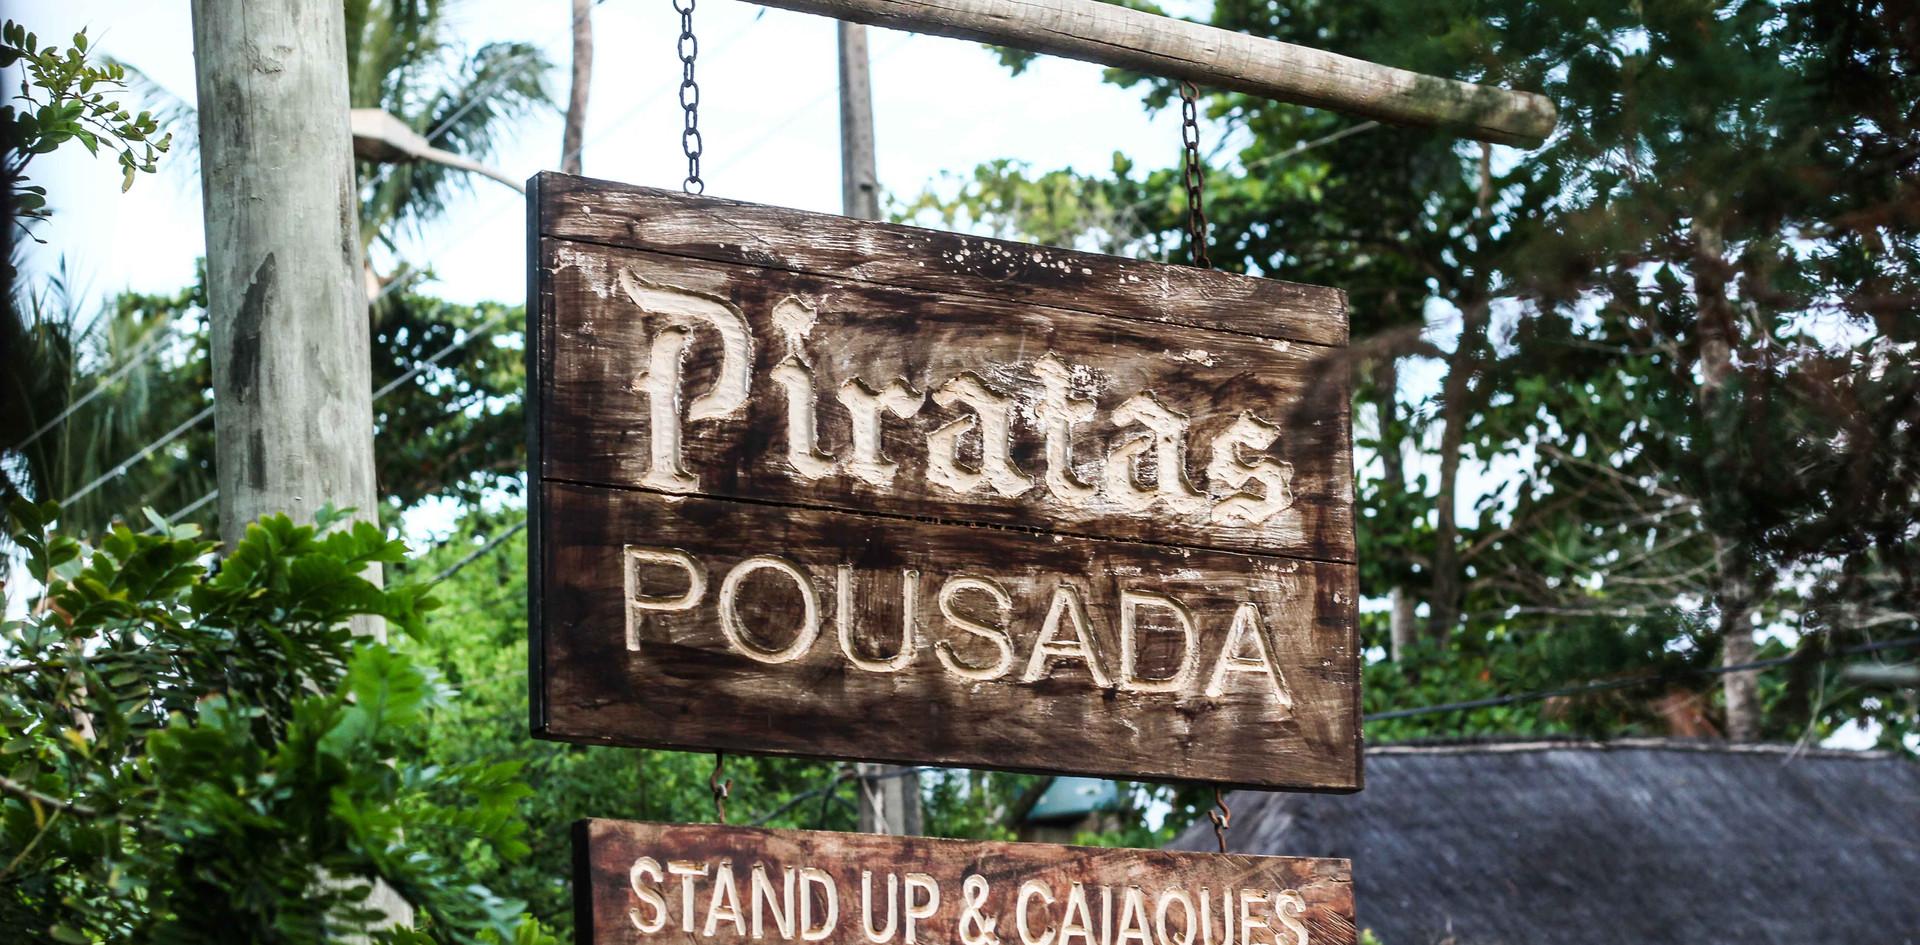 Placa Pousada Piratas